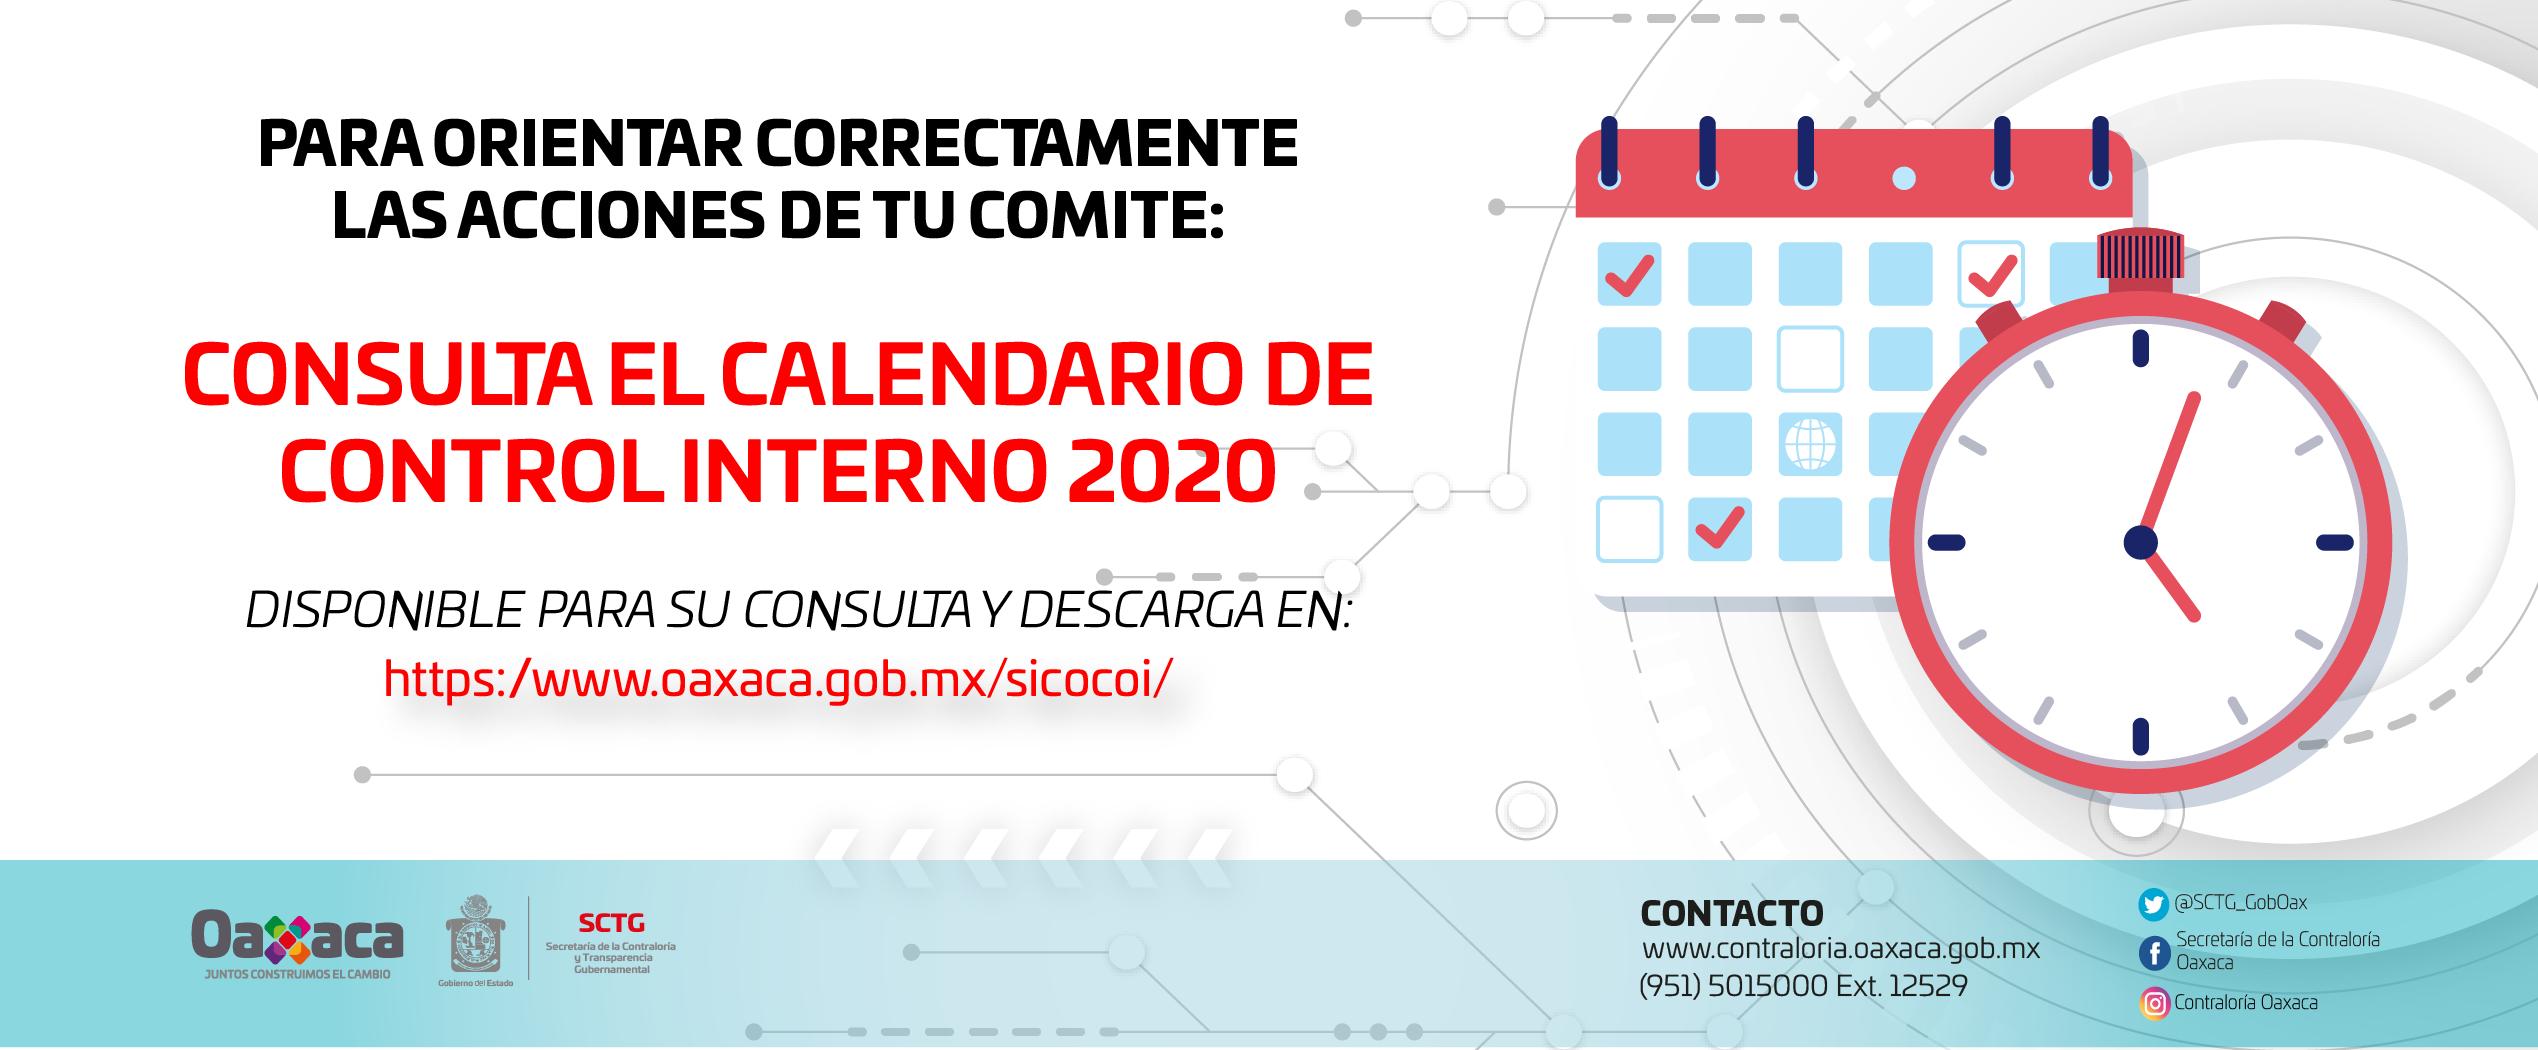 Calendario COCOI DCIGP 2020